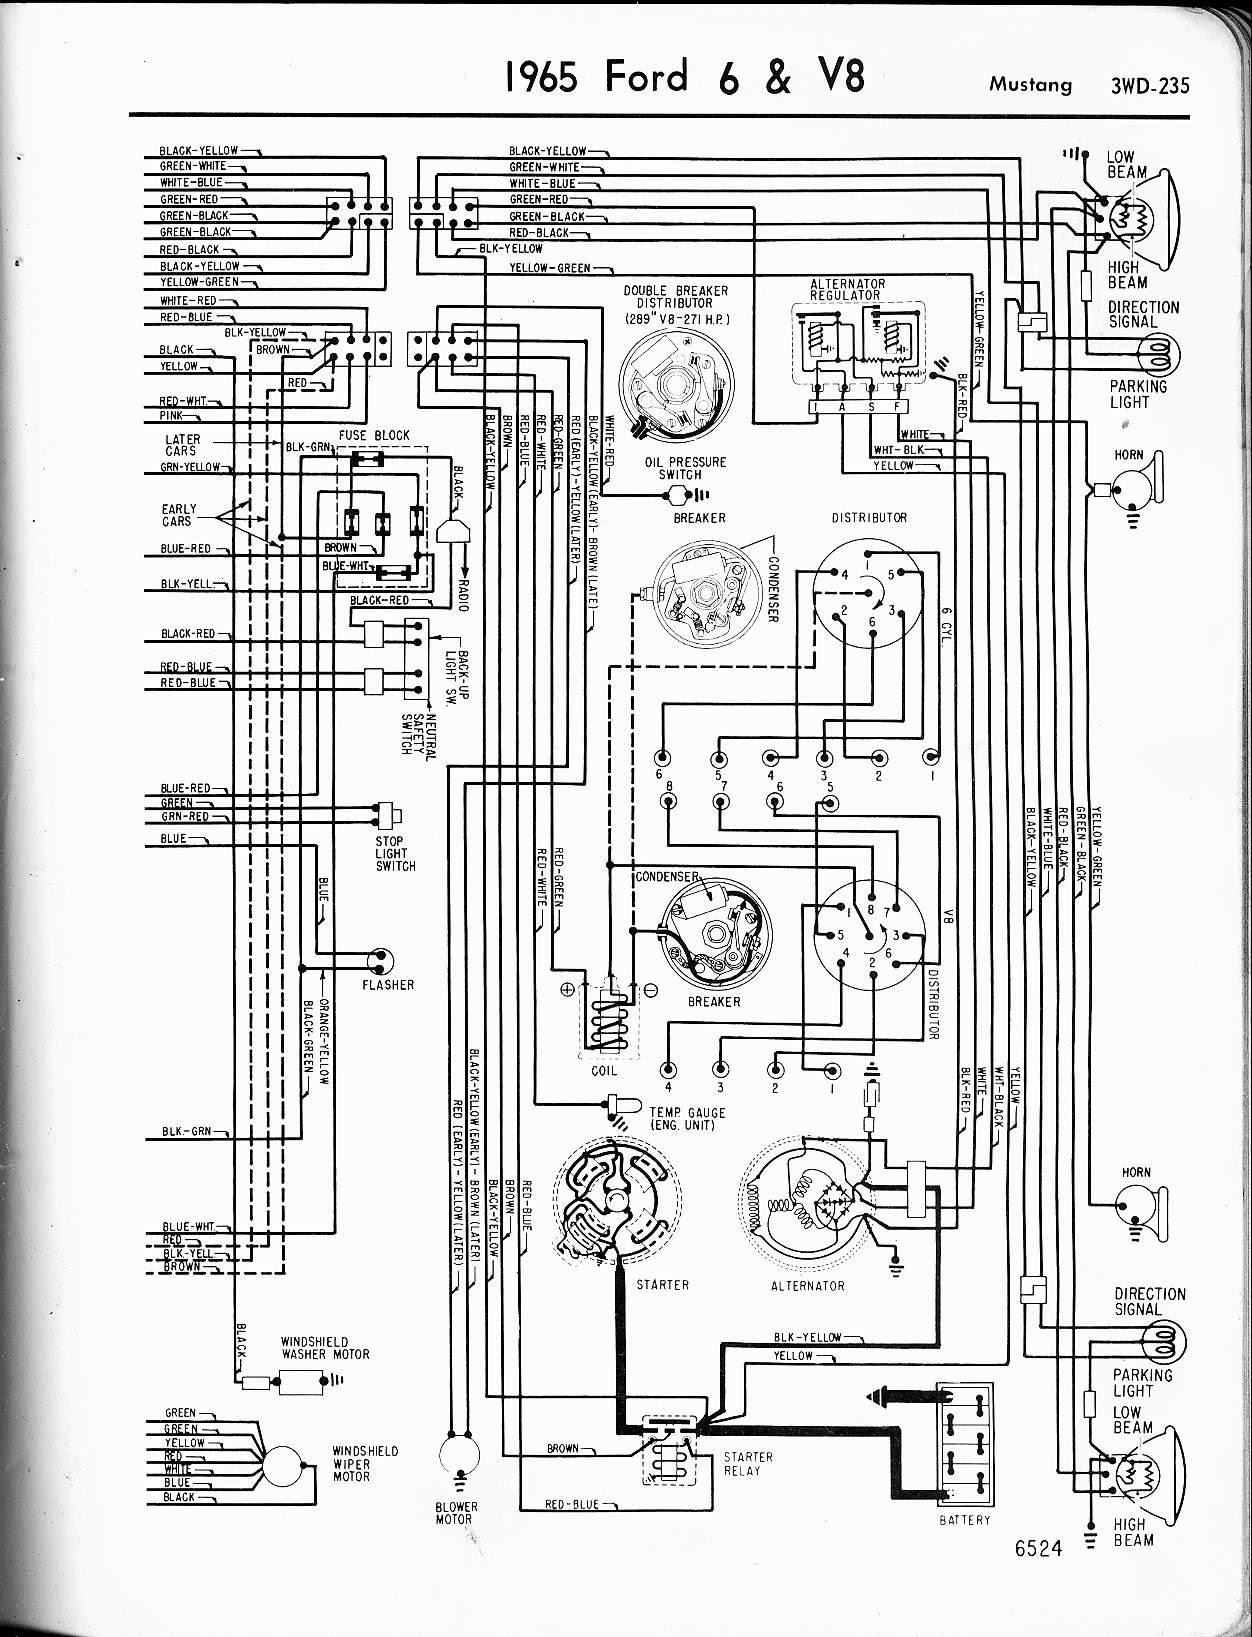 2005 Ford F250 Wiring Diagram